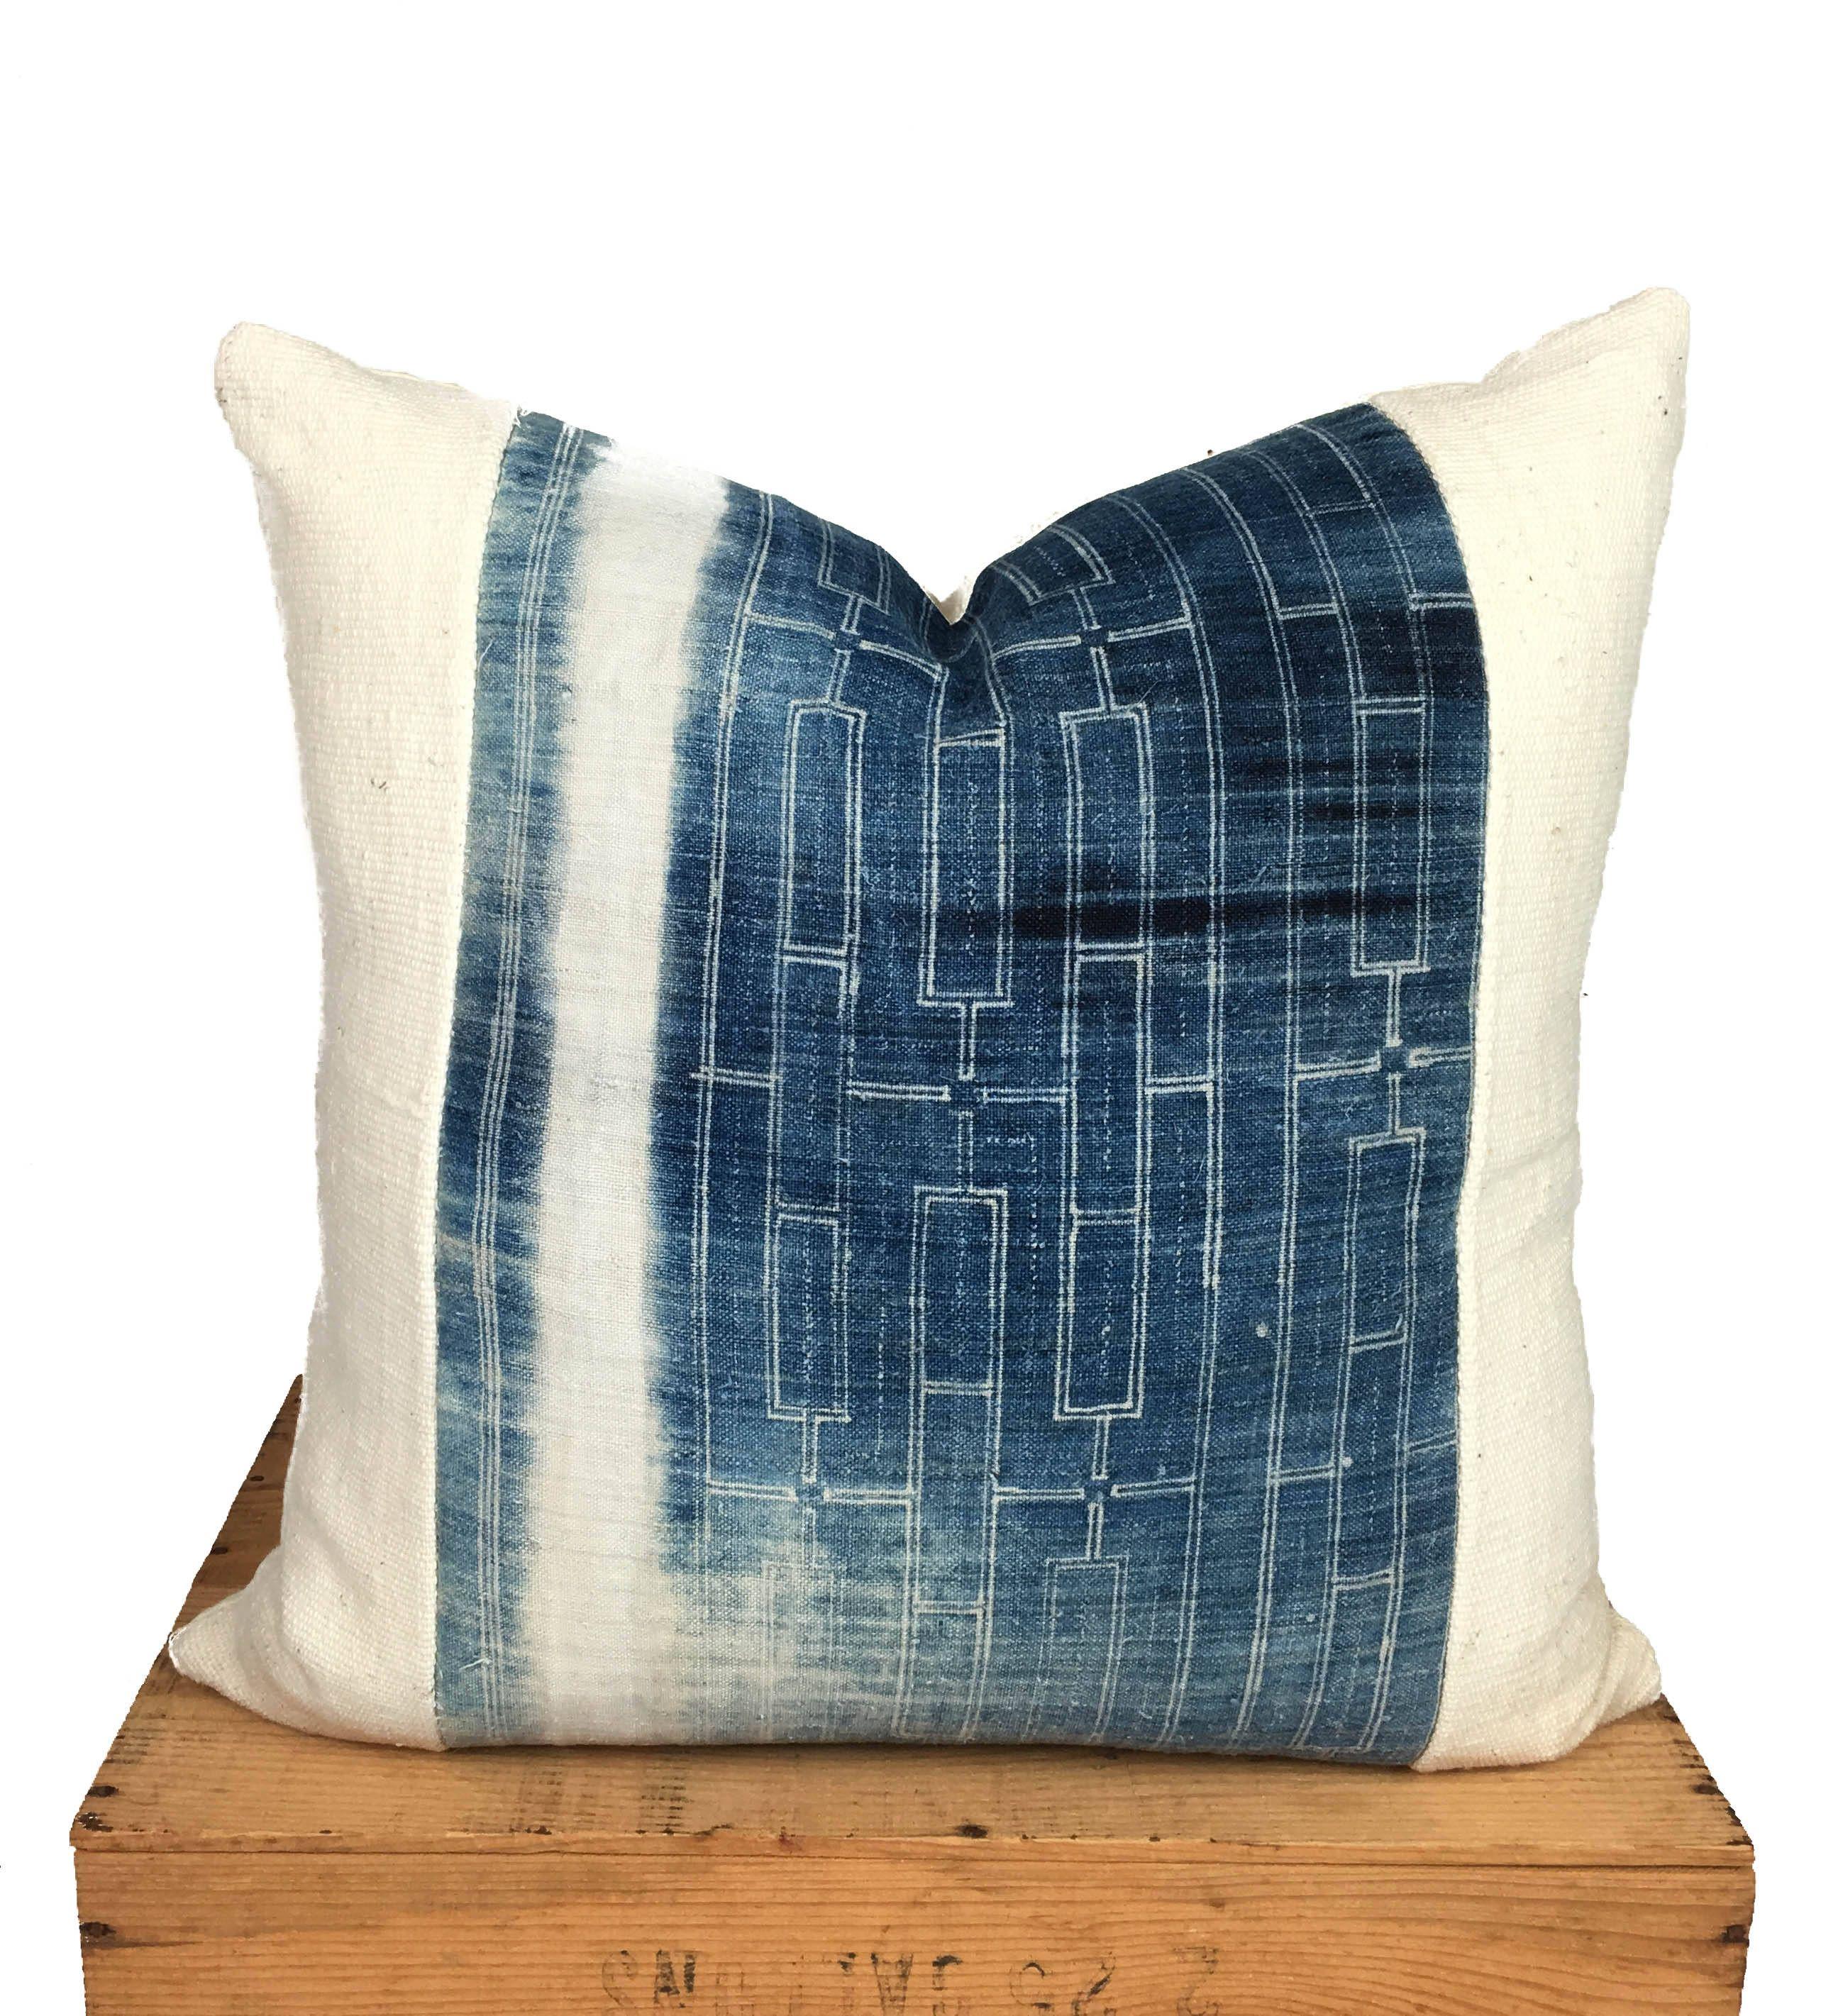 inch vintage indigo hmong pillow cover İndigo blue pinterest